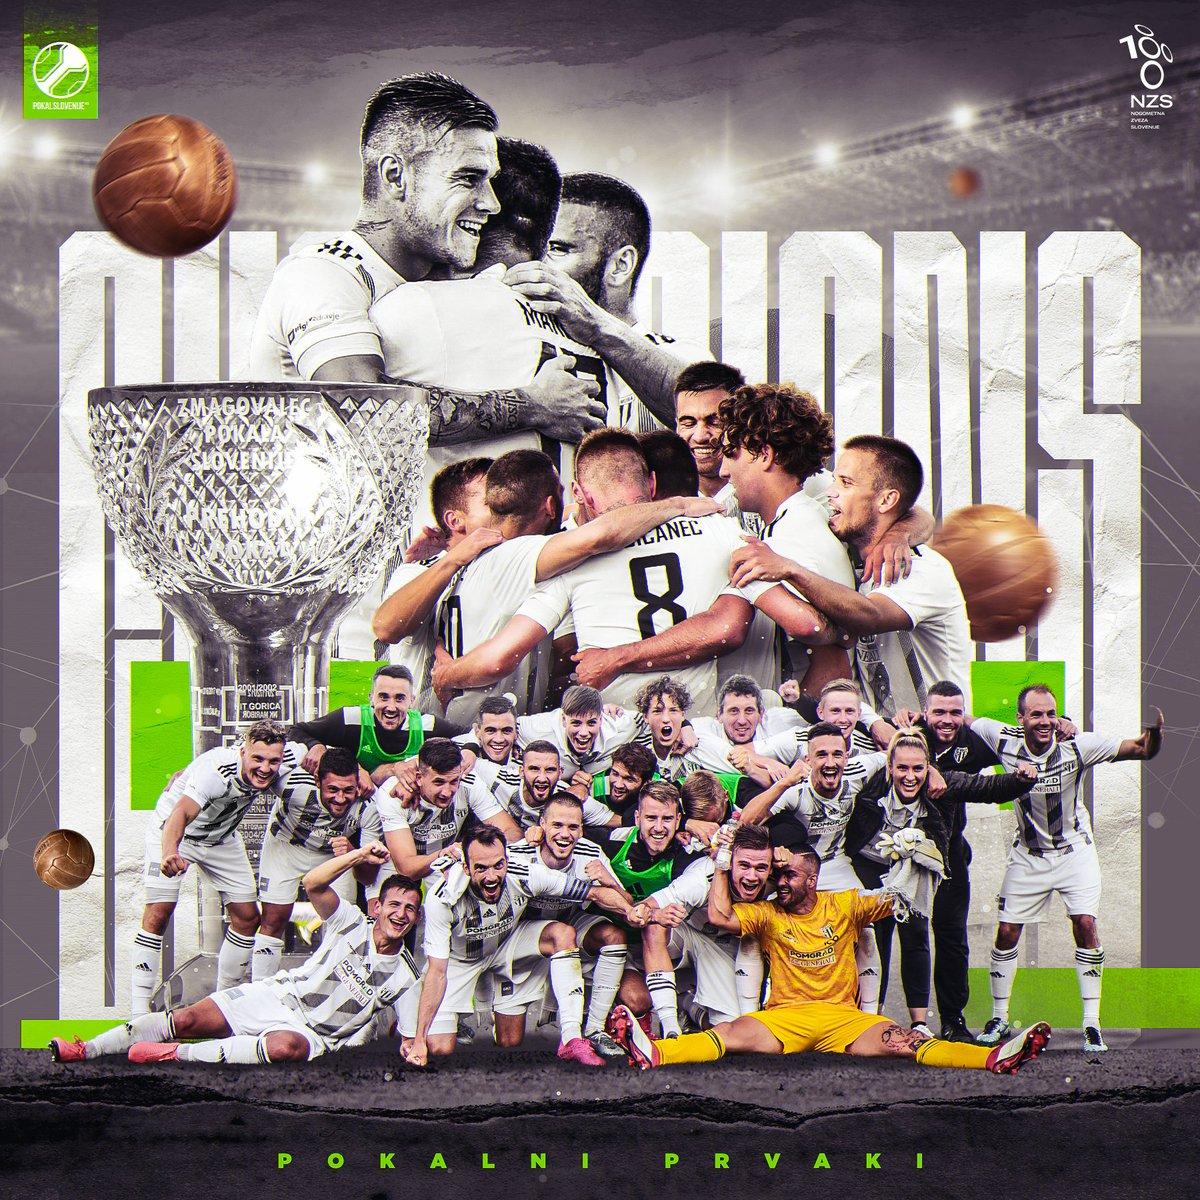 ⚫⚪ @nsmura_ms je pokalni prvak! Čestitamo!  #PokalSLO 🏆 https://t.co/Nm91MZN9xu